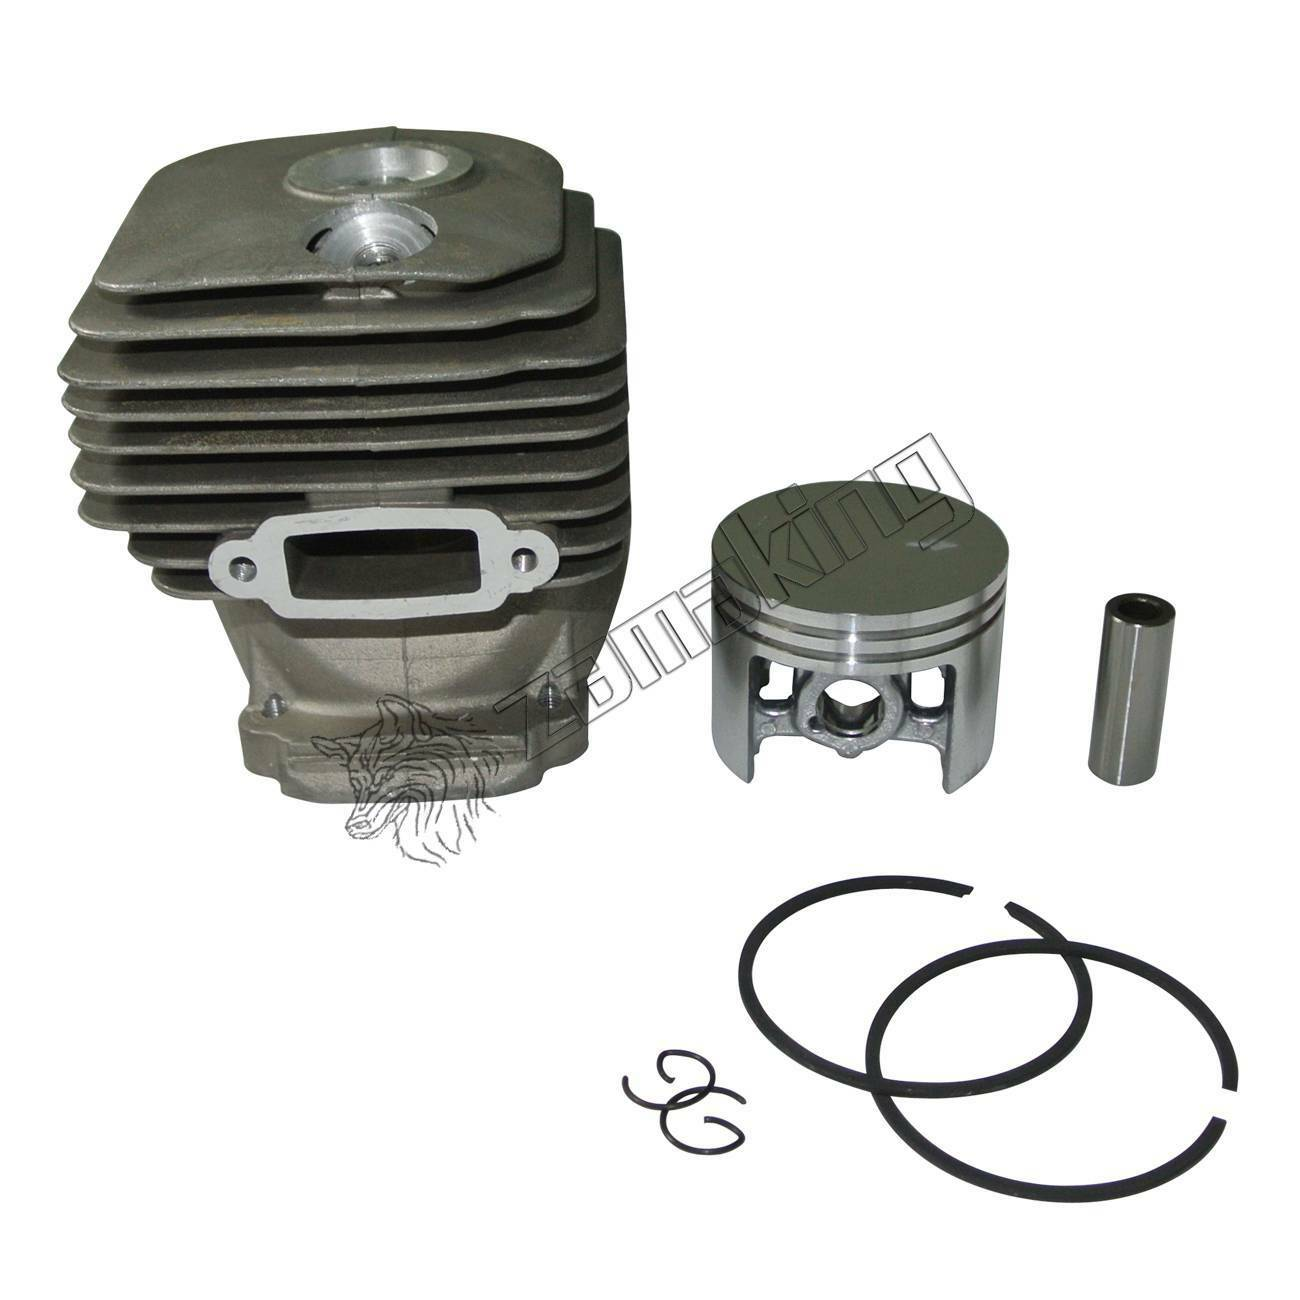 Kit de pistón del Cilindro Ajuste STIHL TS480i TS500i Sierra de Hormigón 52 mm P N 4250 020 1200